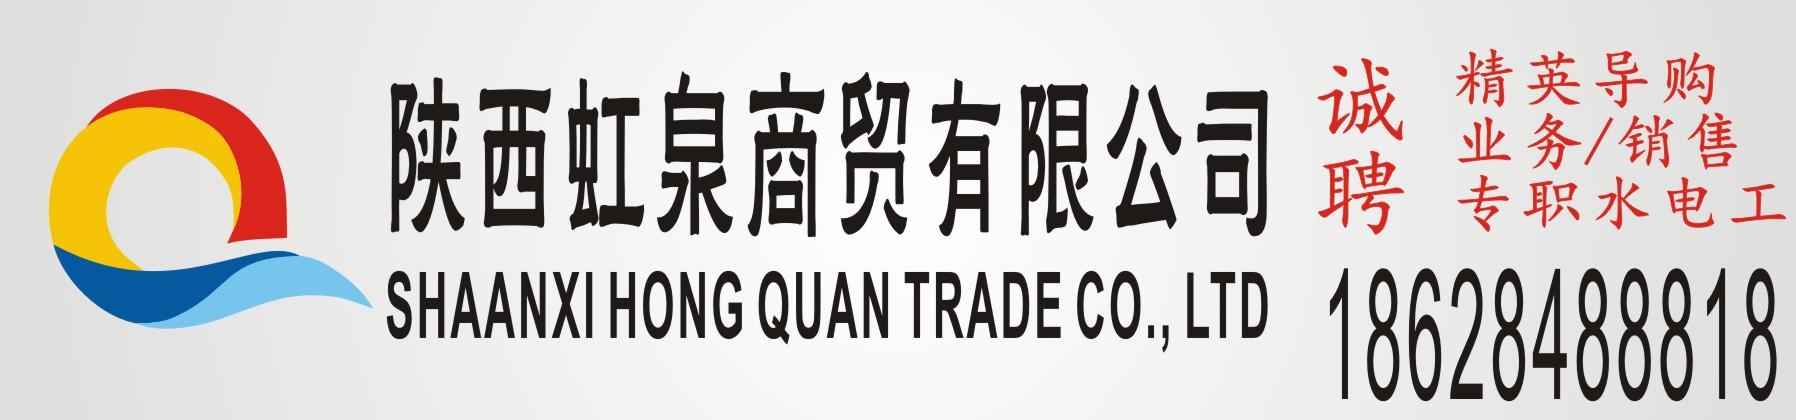 陕西虹泉商贸有限公司